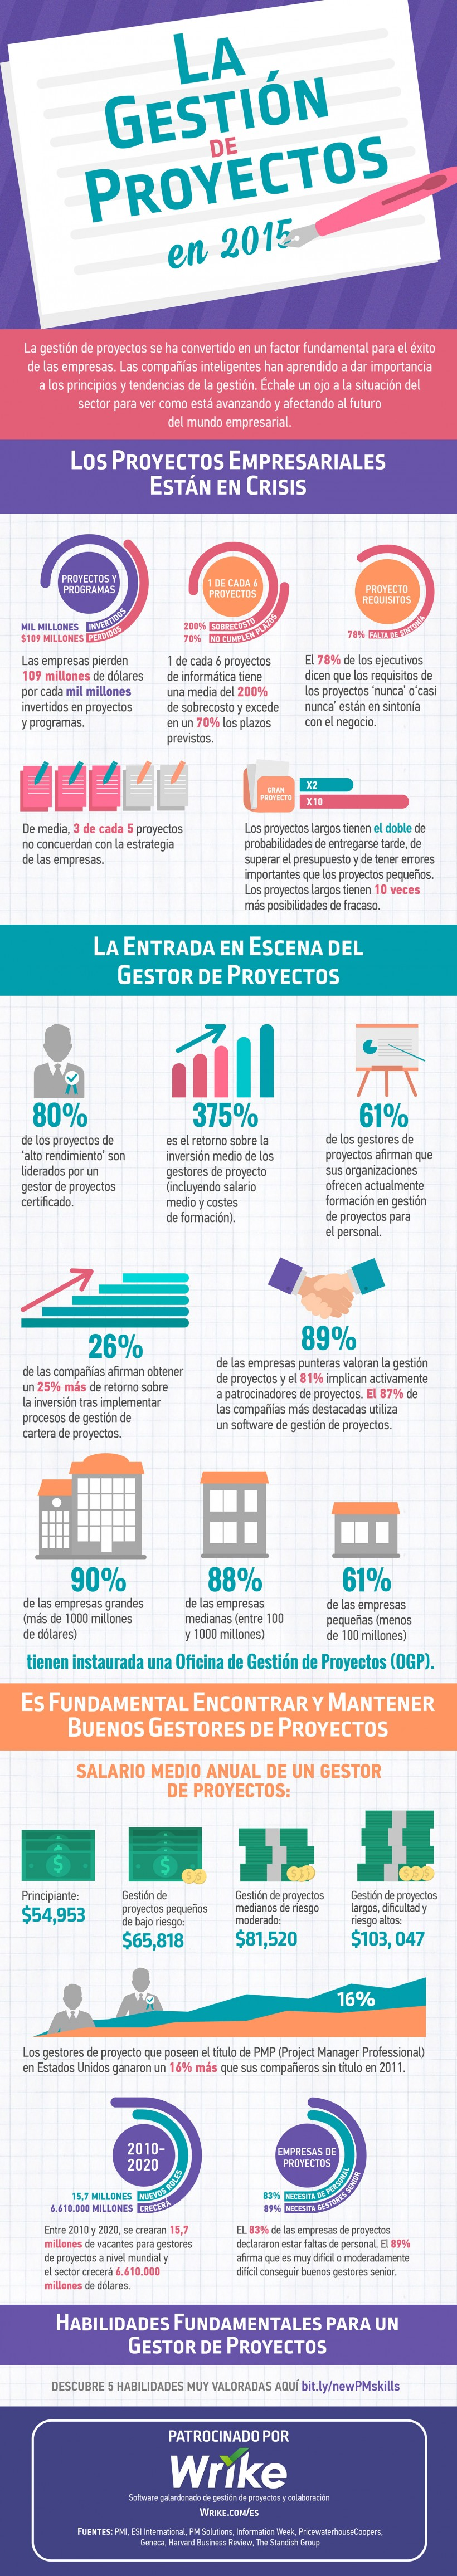 La Gestión de Proyectos en 2015 (#Infografía)